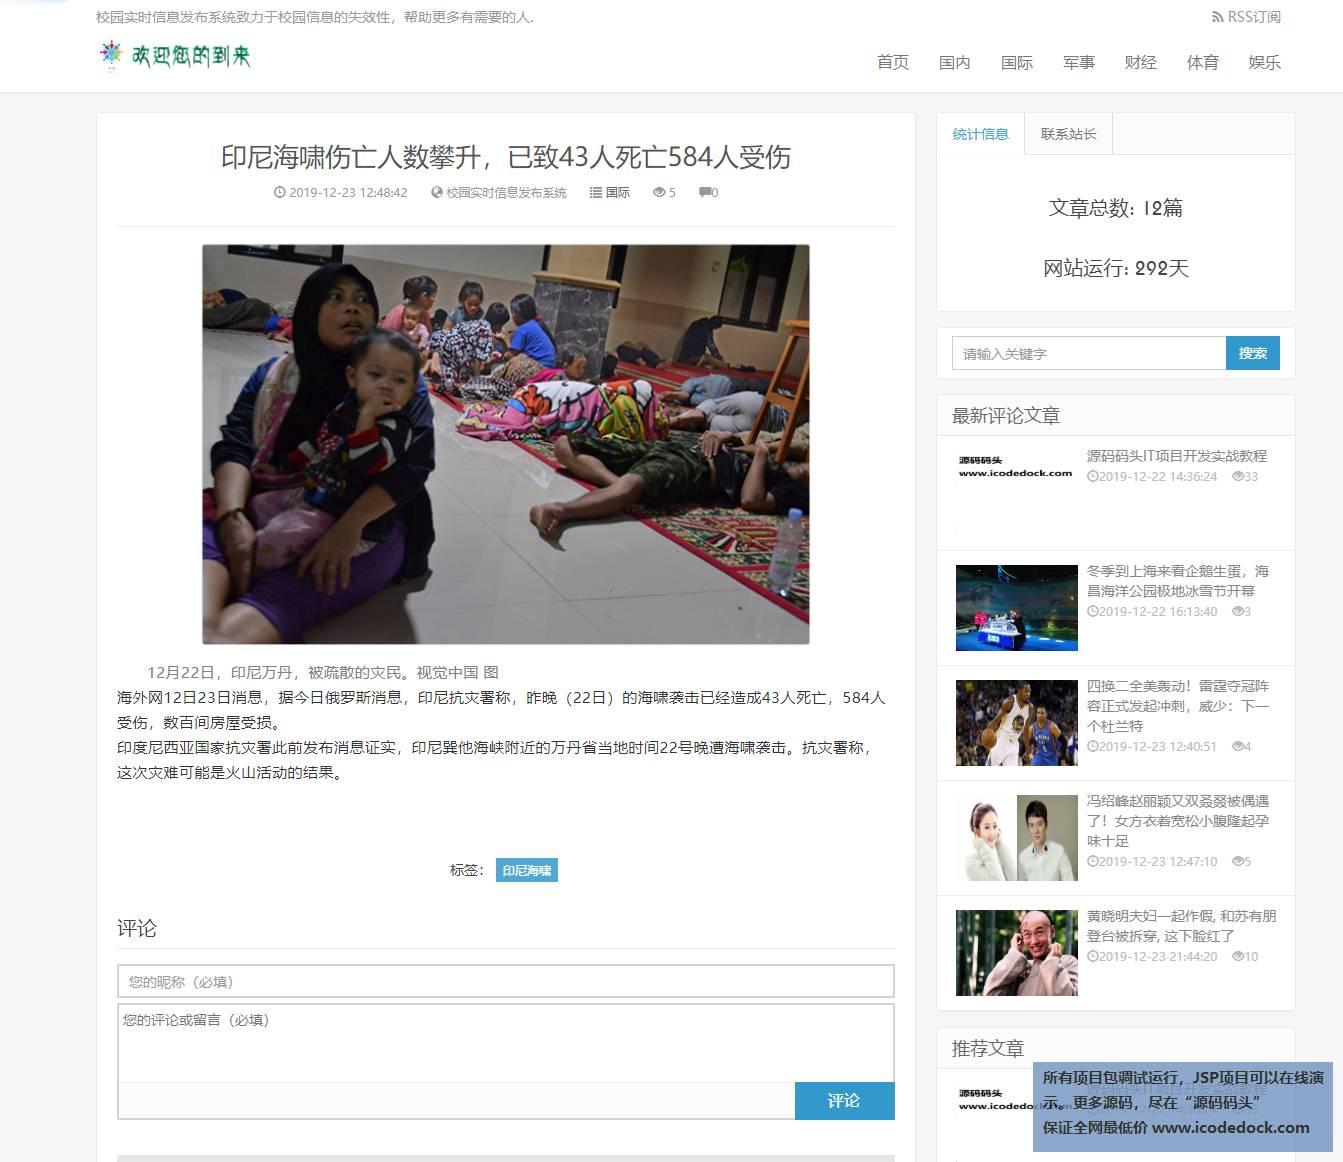 源码码头-SSM新闻发布管理系统-用户角色-查看新闻